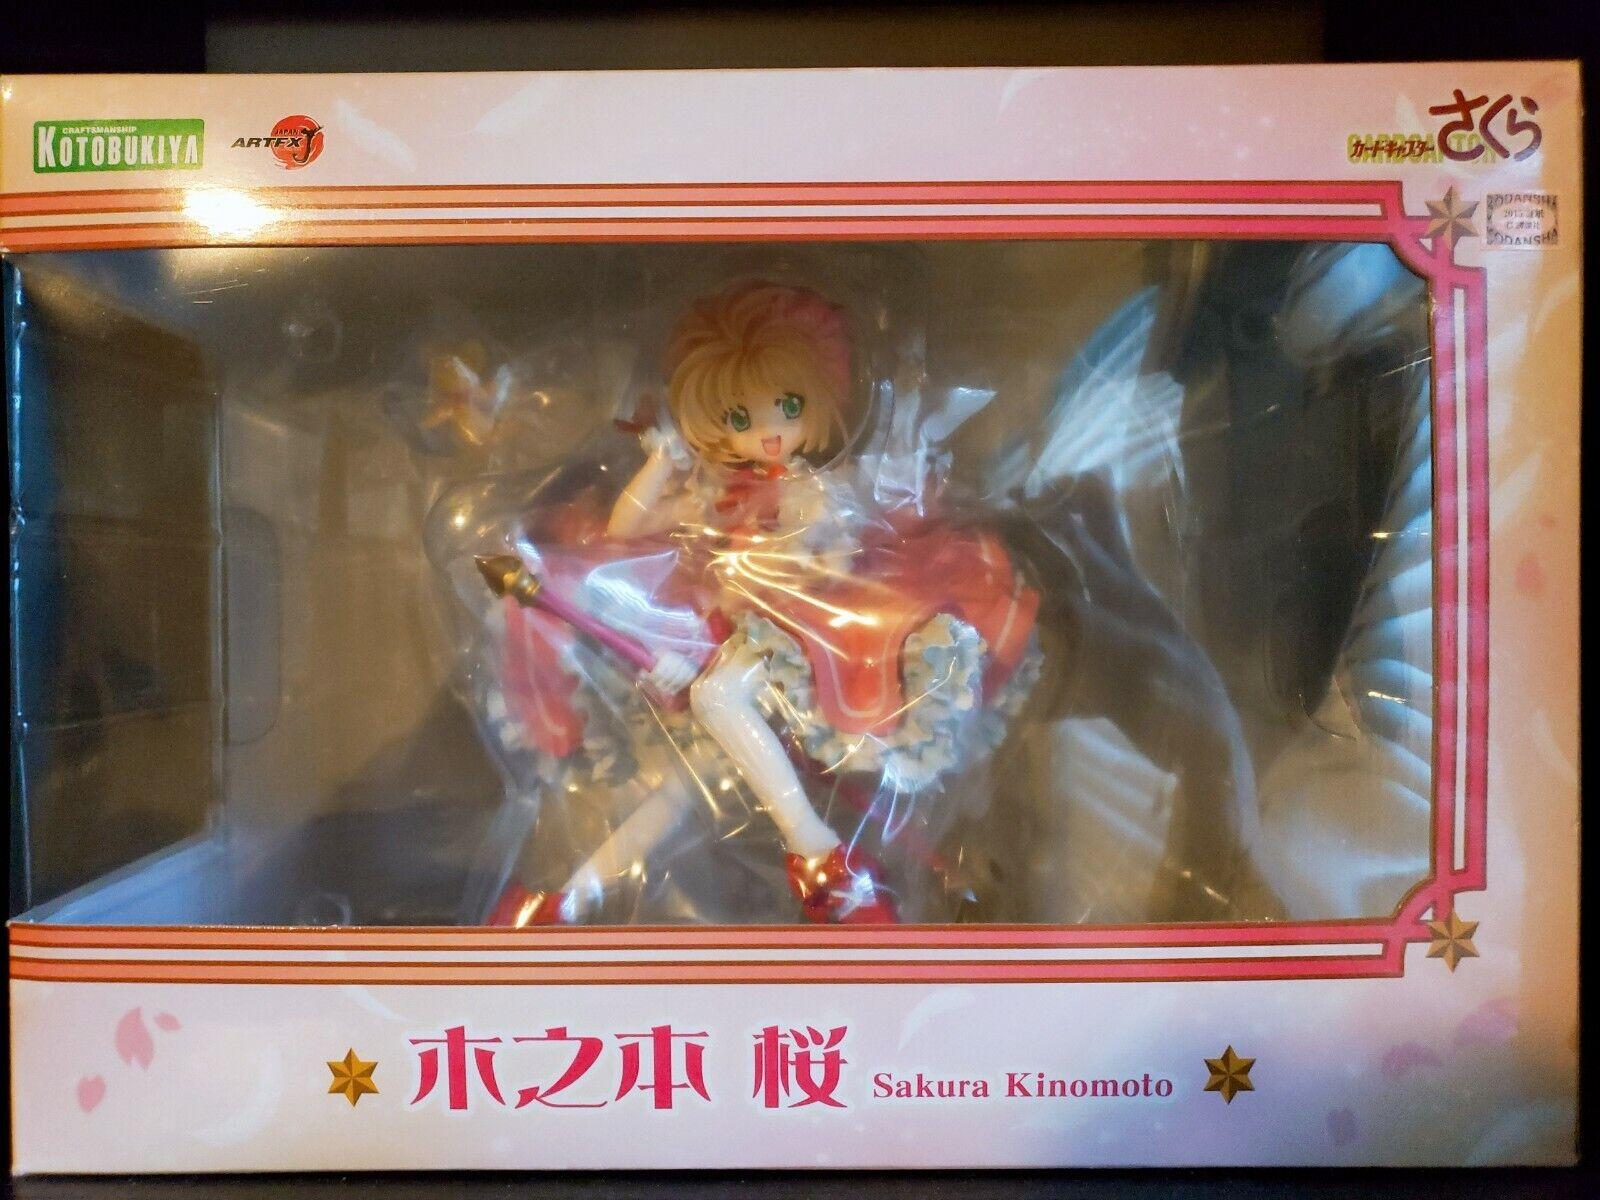 Cardcaptor Sakura ARTFXJ Statue 1//7 Sakura Kinomoto 19 cm Kotobukiya